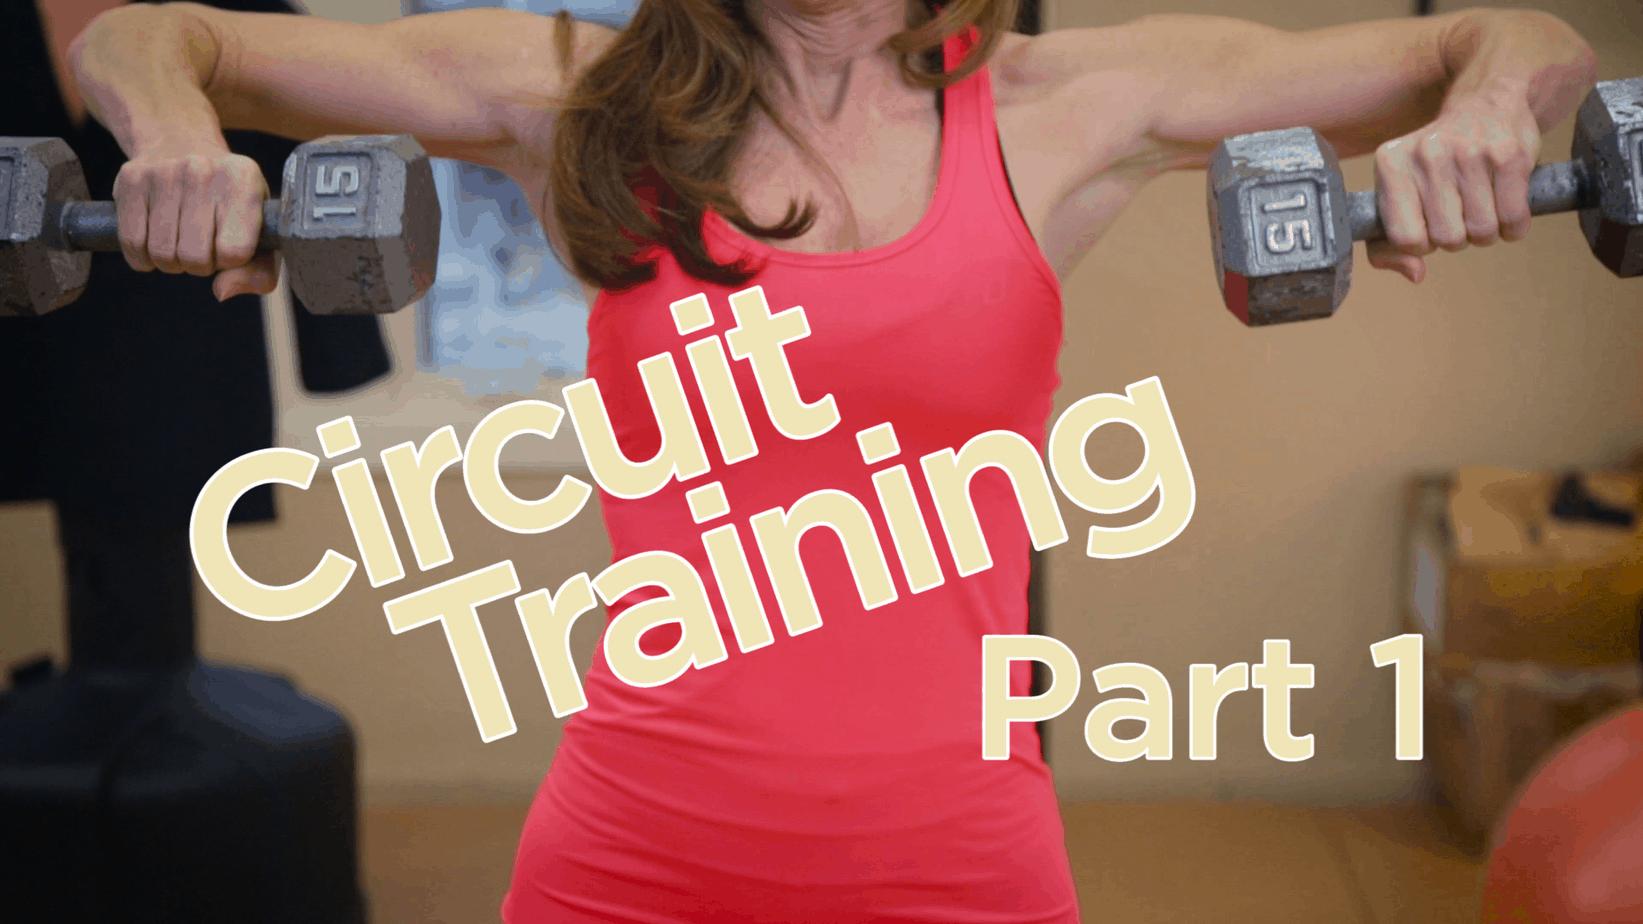 Circuit-Training-Part-1